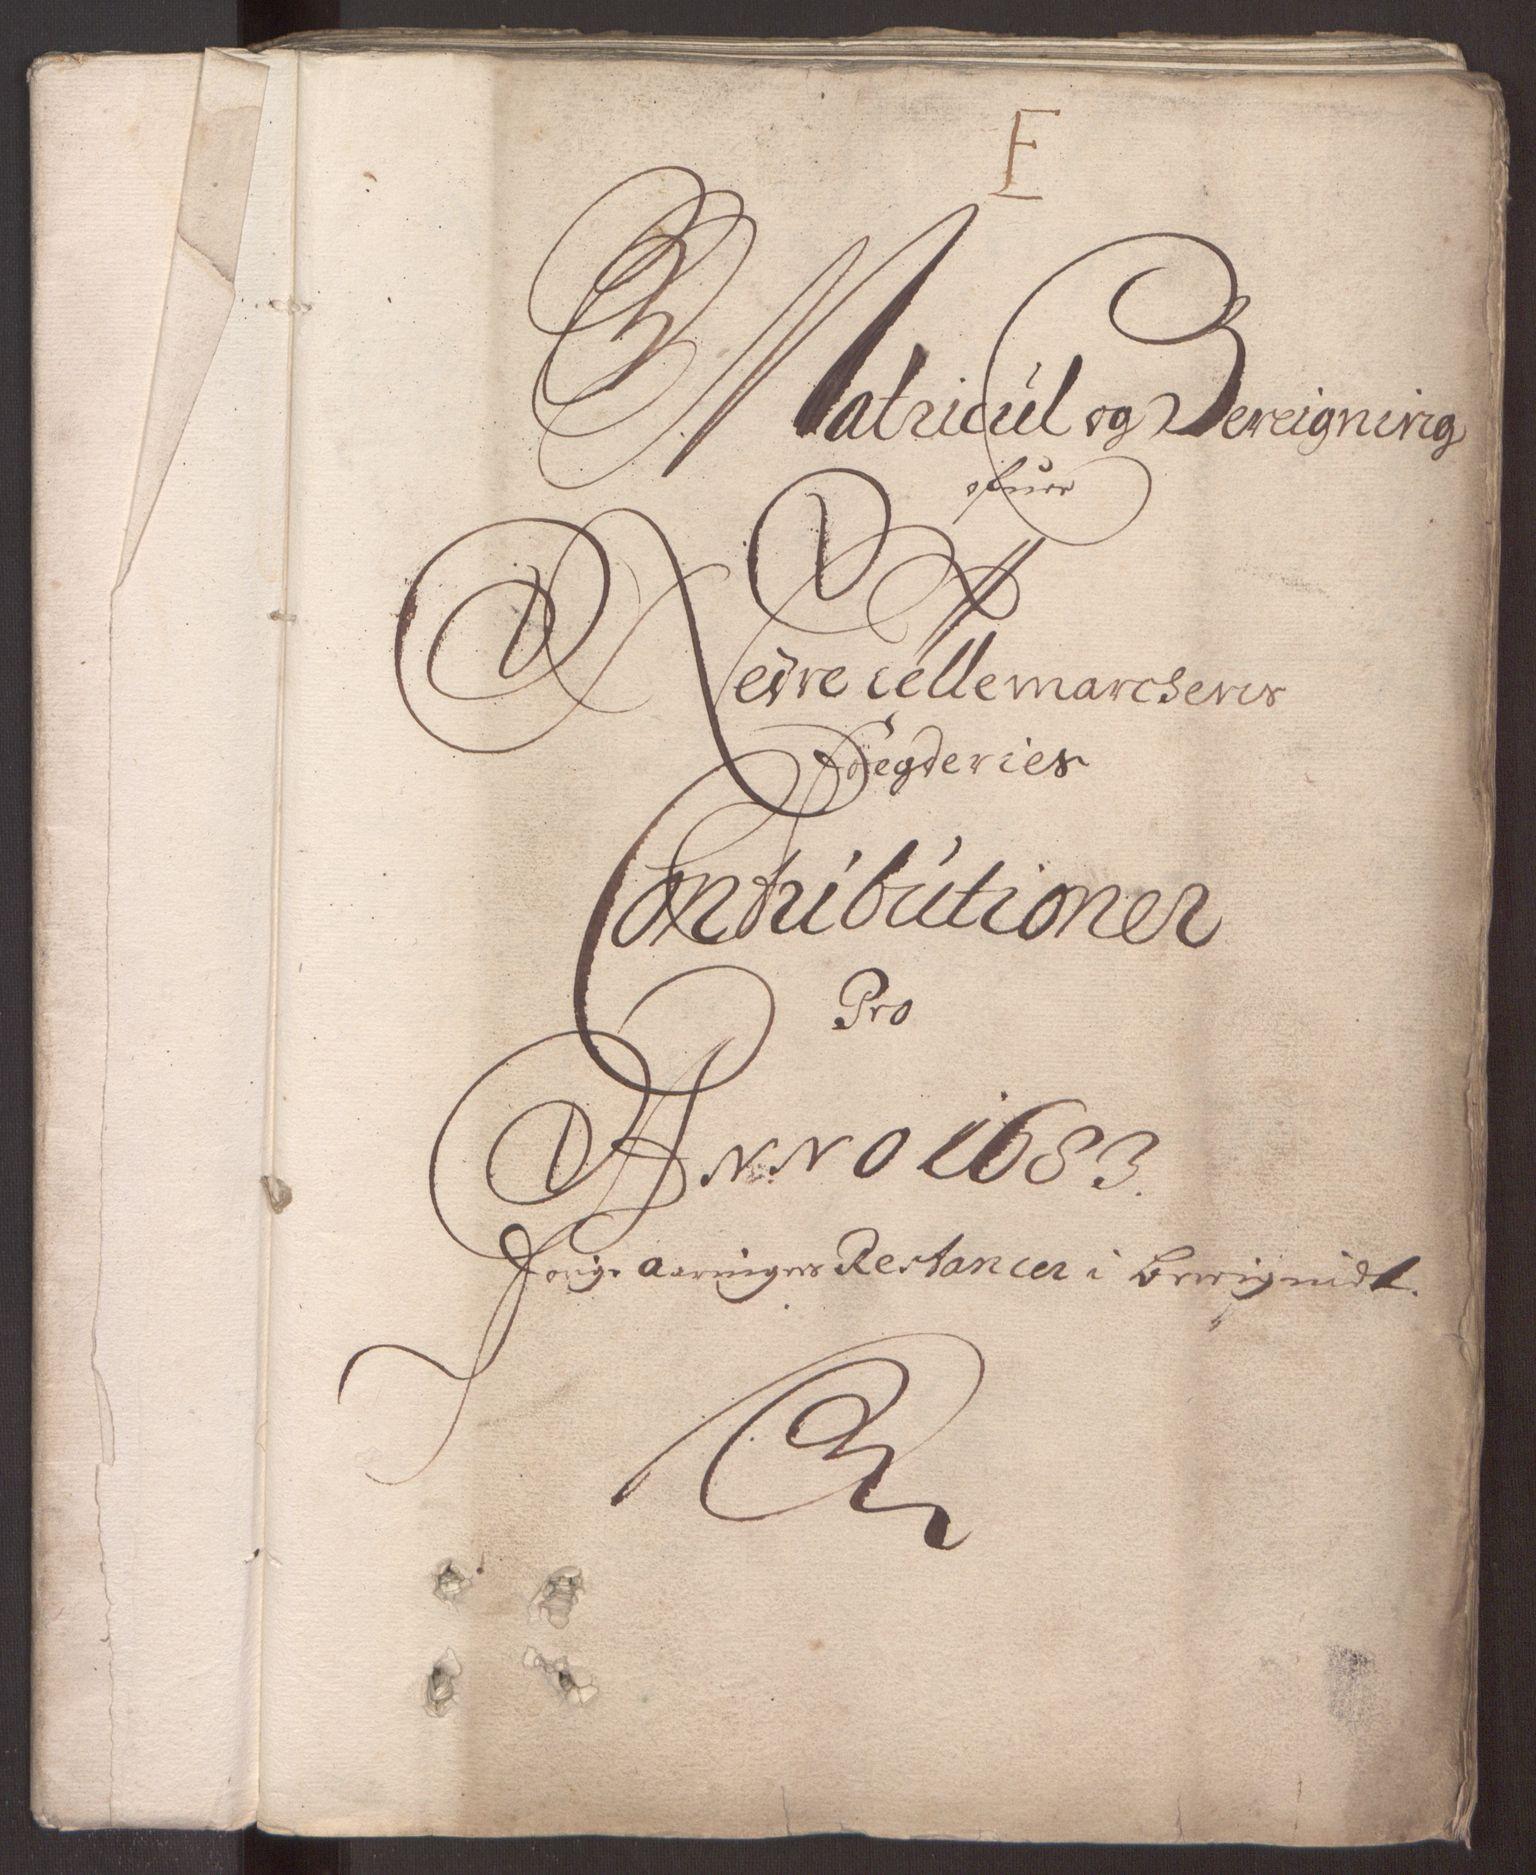 RA, Rentekammeret inntil 1814, Reviderte regnskaper, Fogderegnskap, R35/L2079: Fogderegnskap Øvre og Nedre Telemark, 1680-1684, s. 201